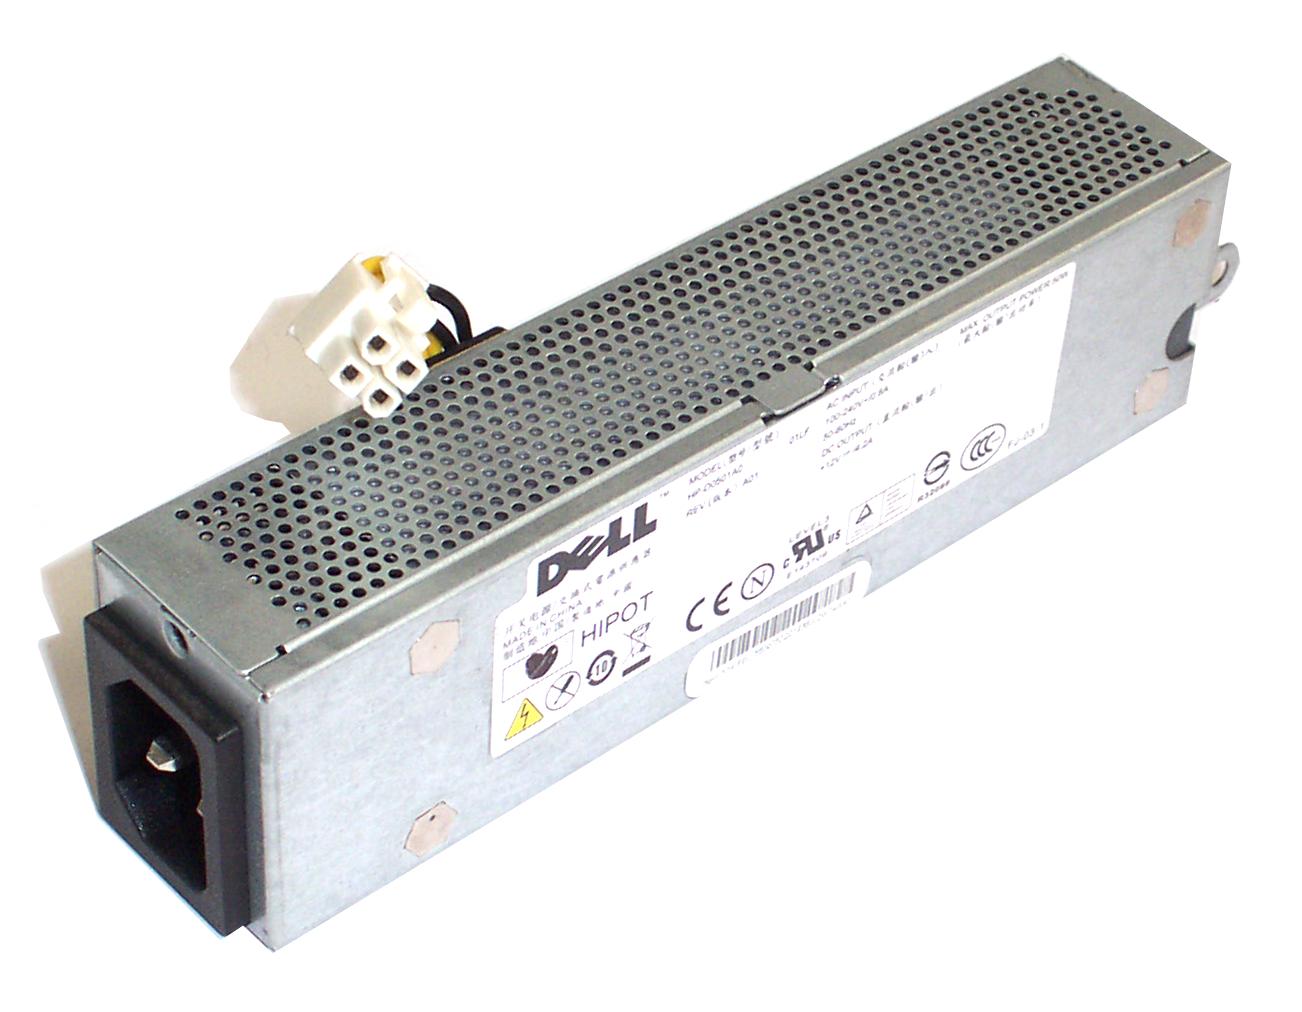 Dell G151G Optiplex FX160 50W Power Supply - HP-D0501A0